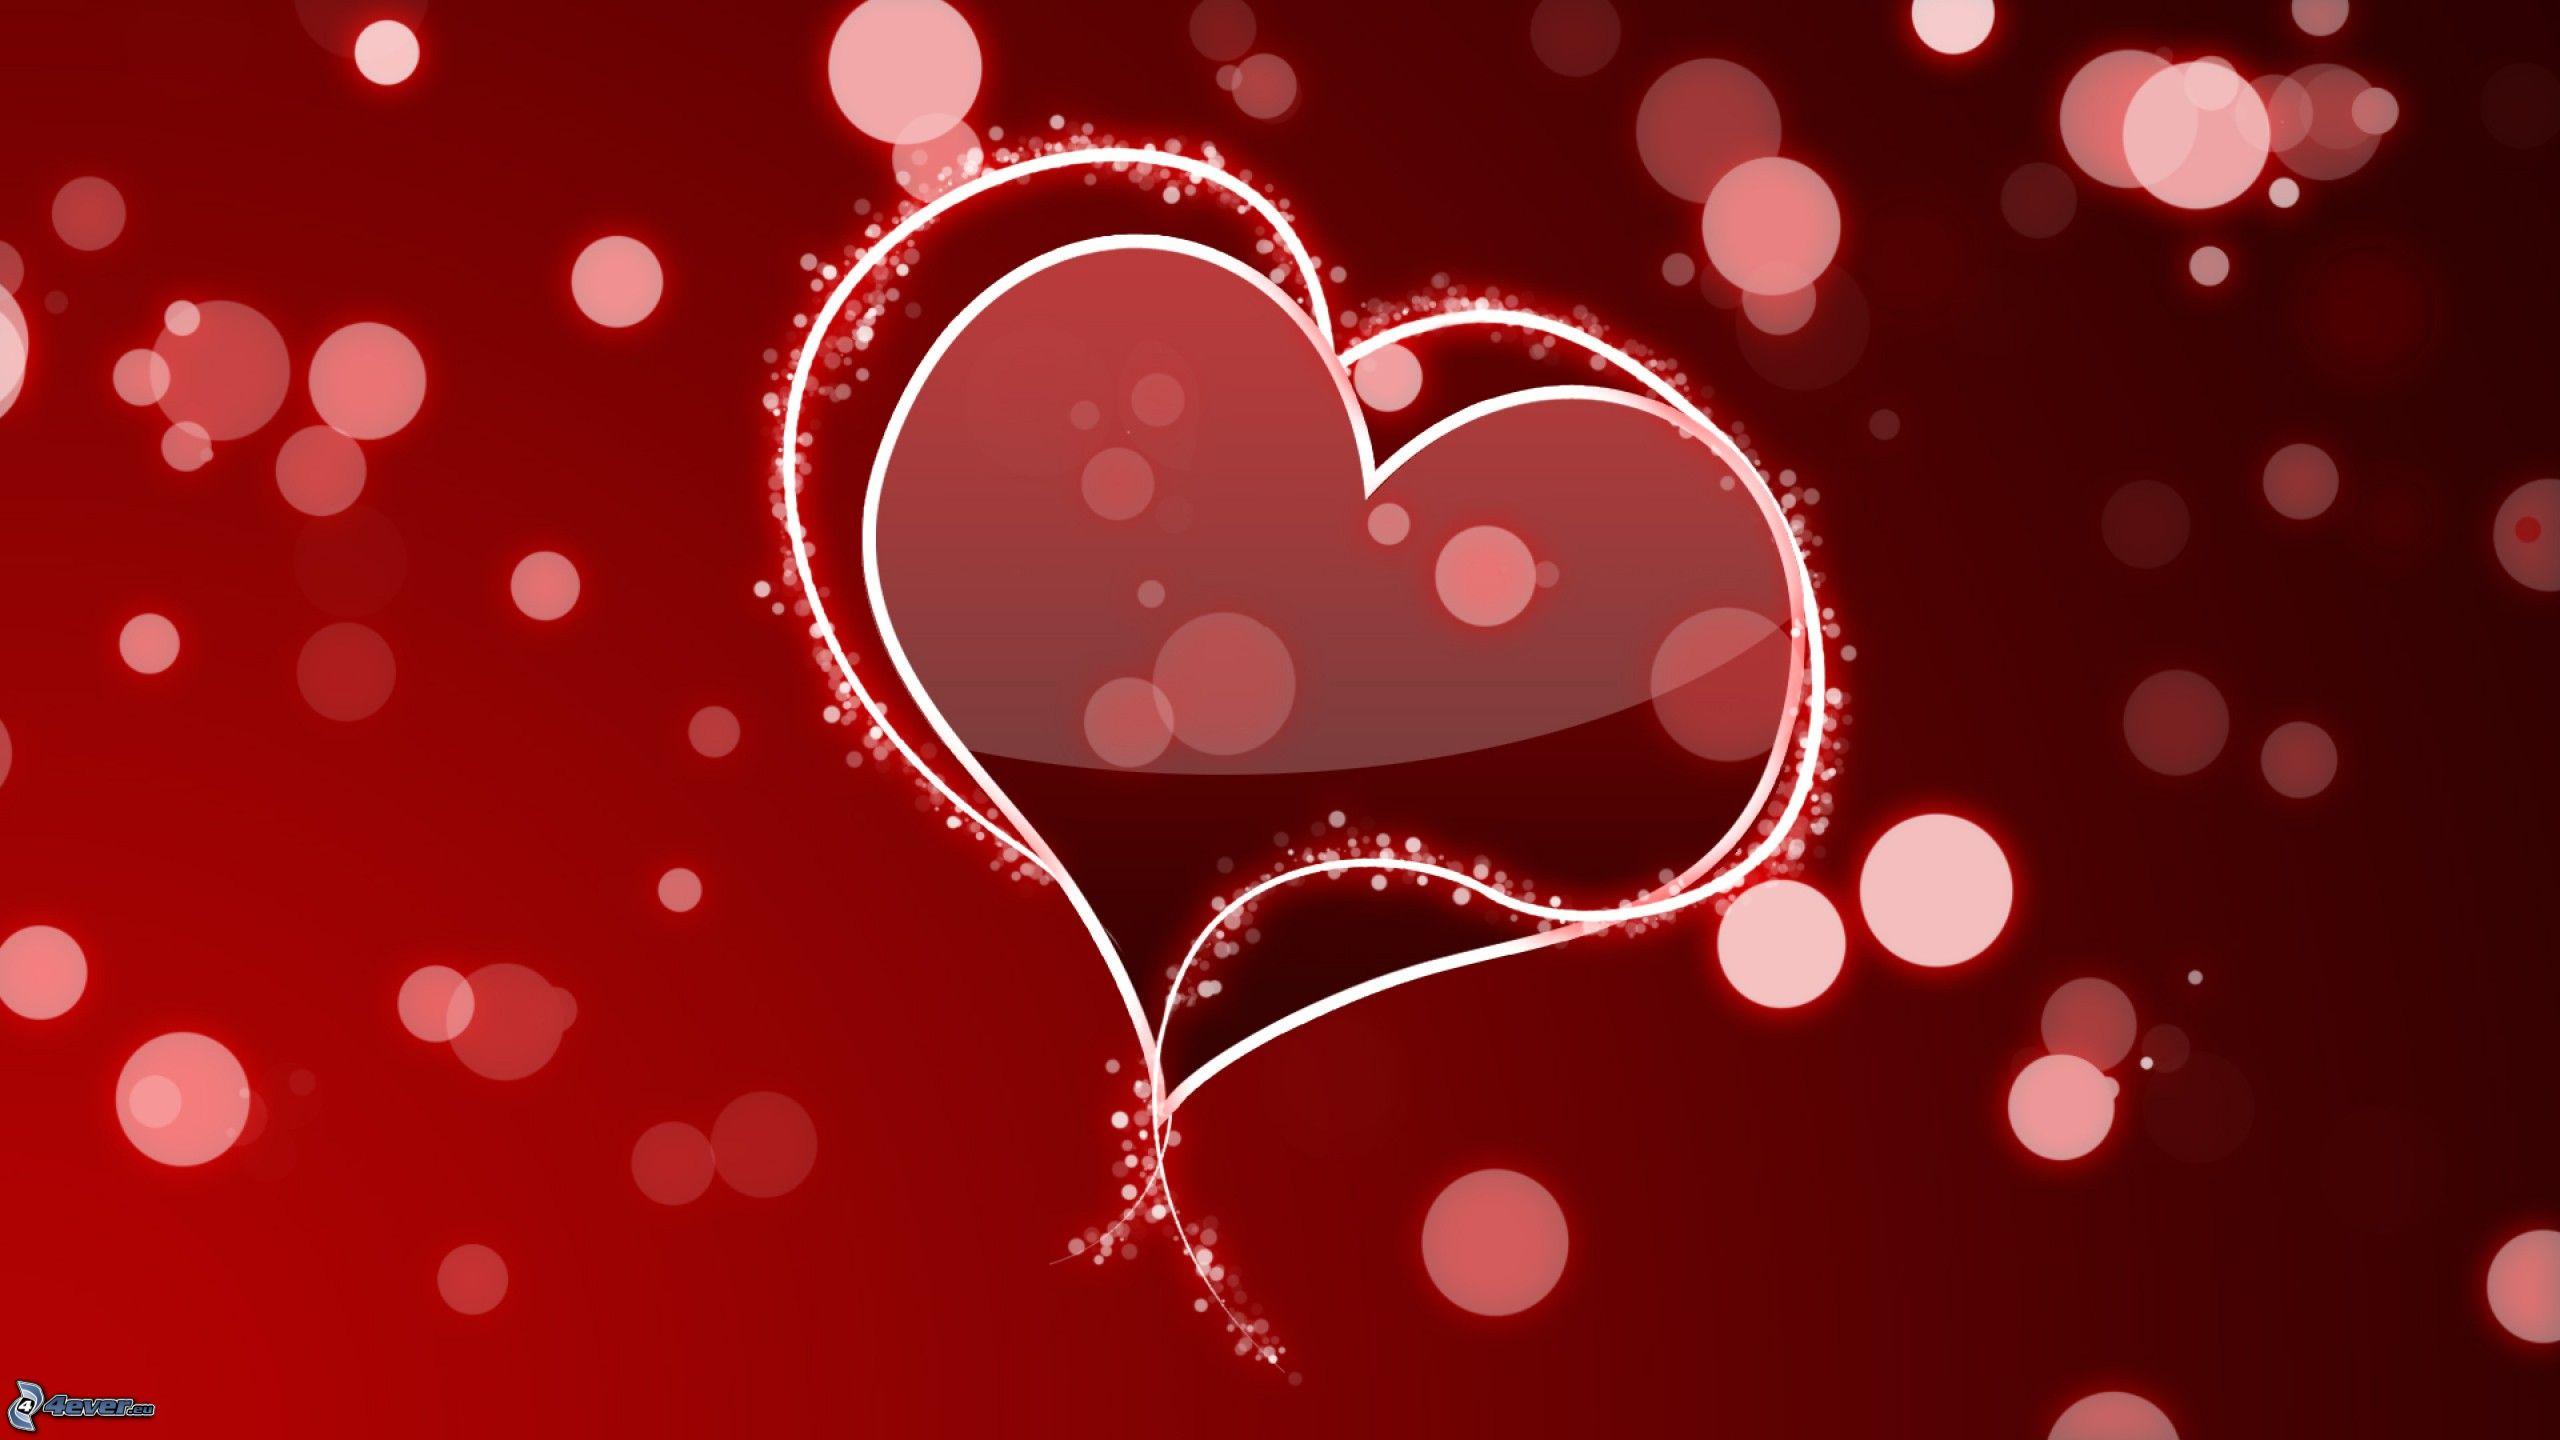 coeurs-rouges,-anneaux,-le-fond-rouge-205609